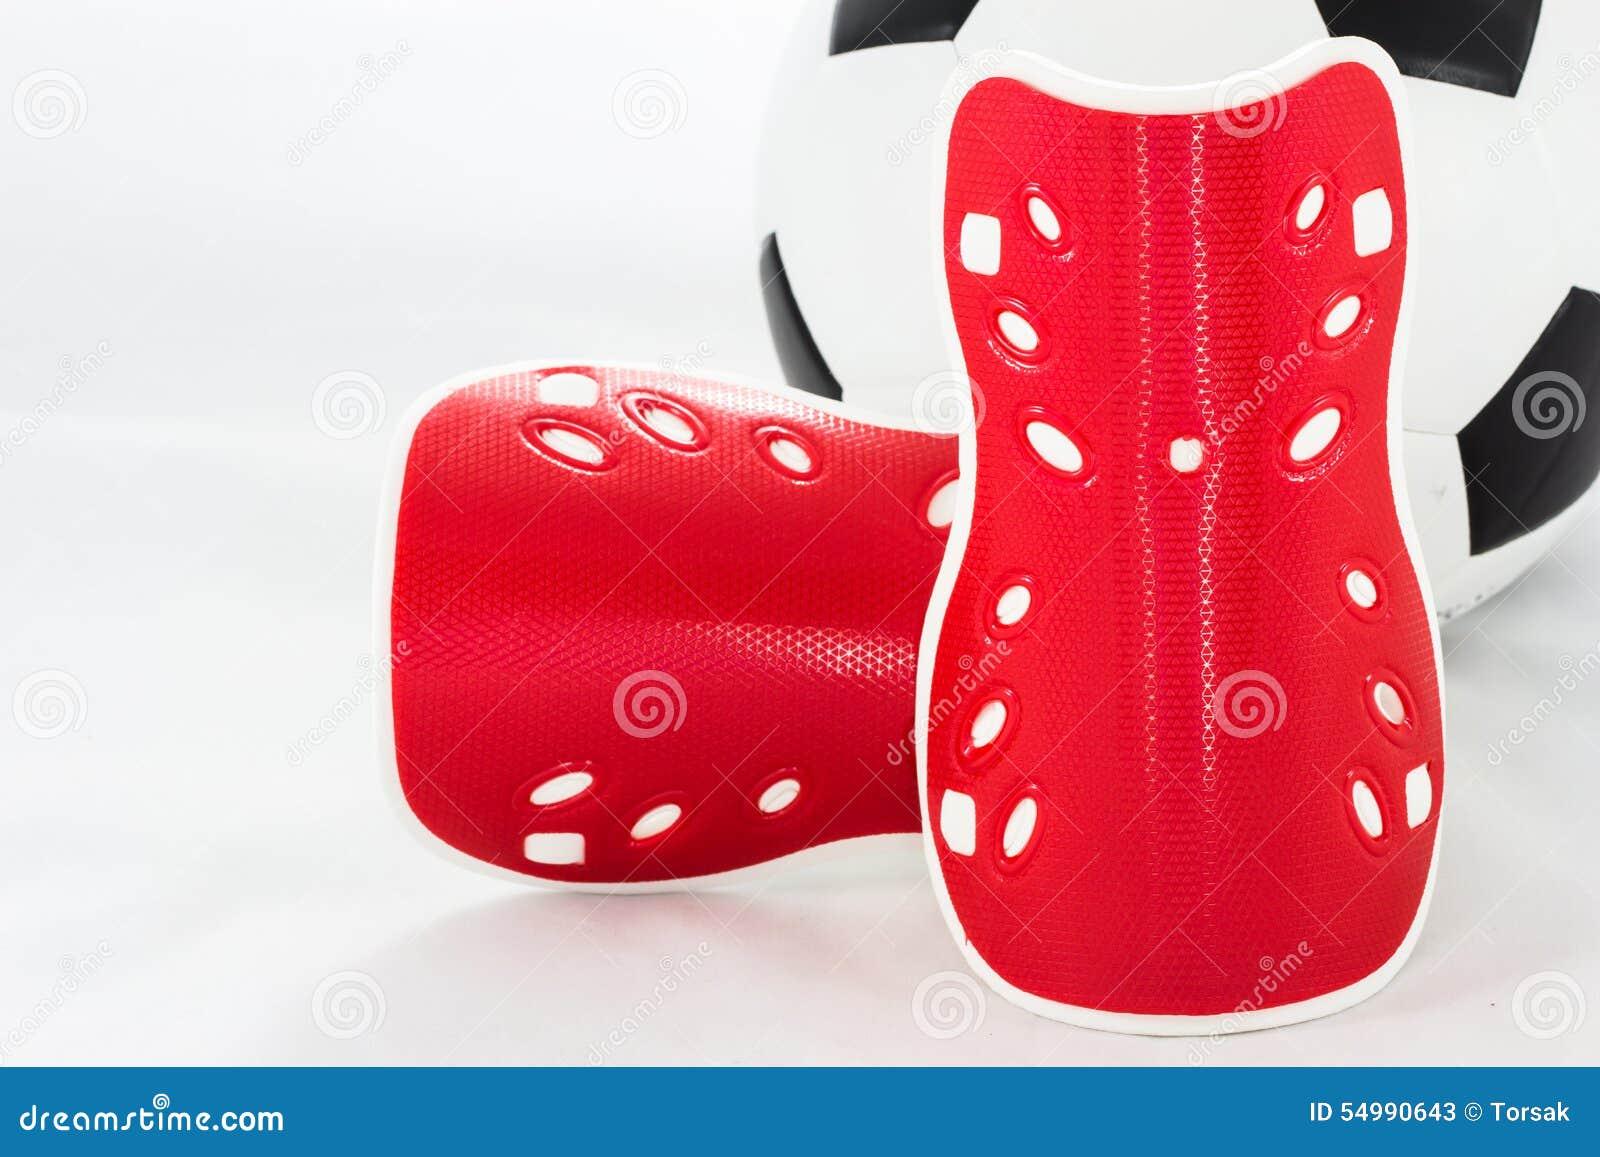 Apparaat wordt gebruikt om toevallige atleet in concurrerend voetbal te verhinderen dat